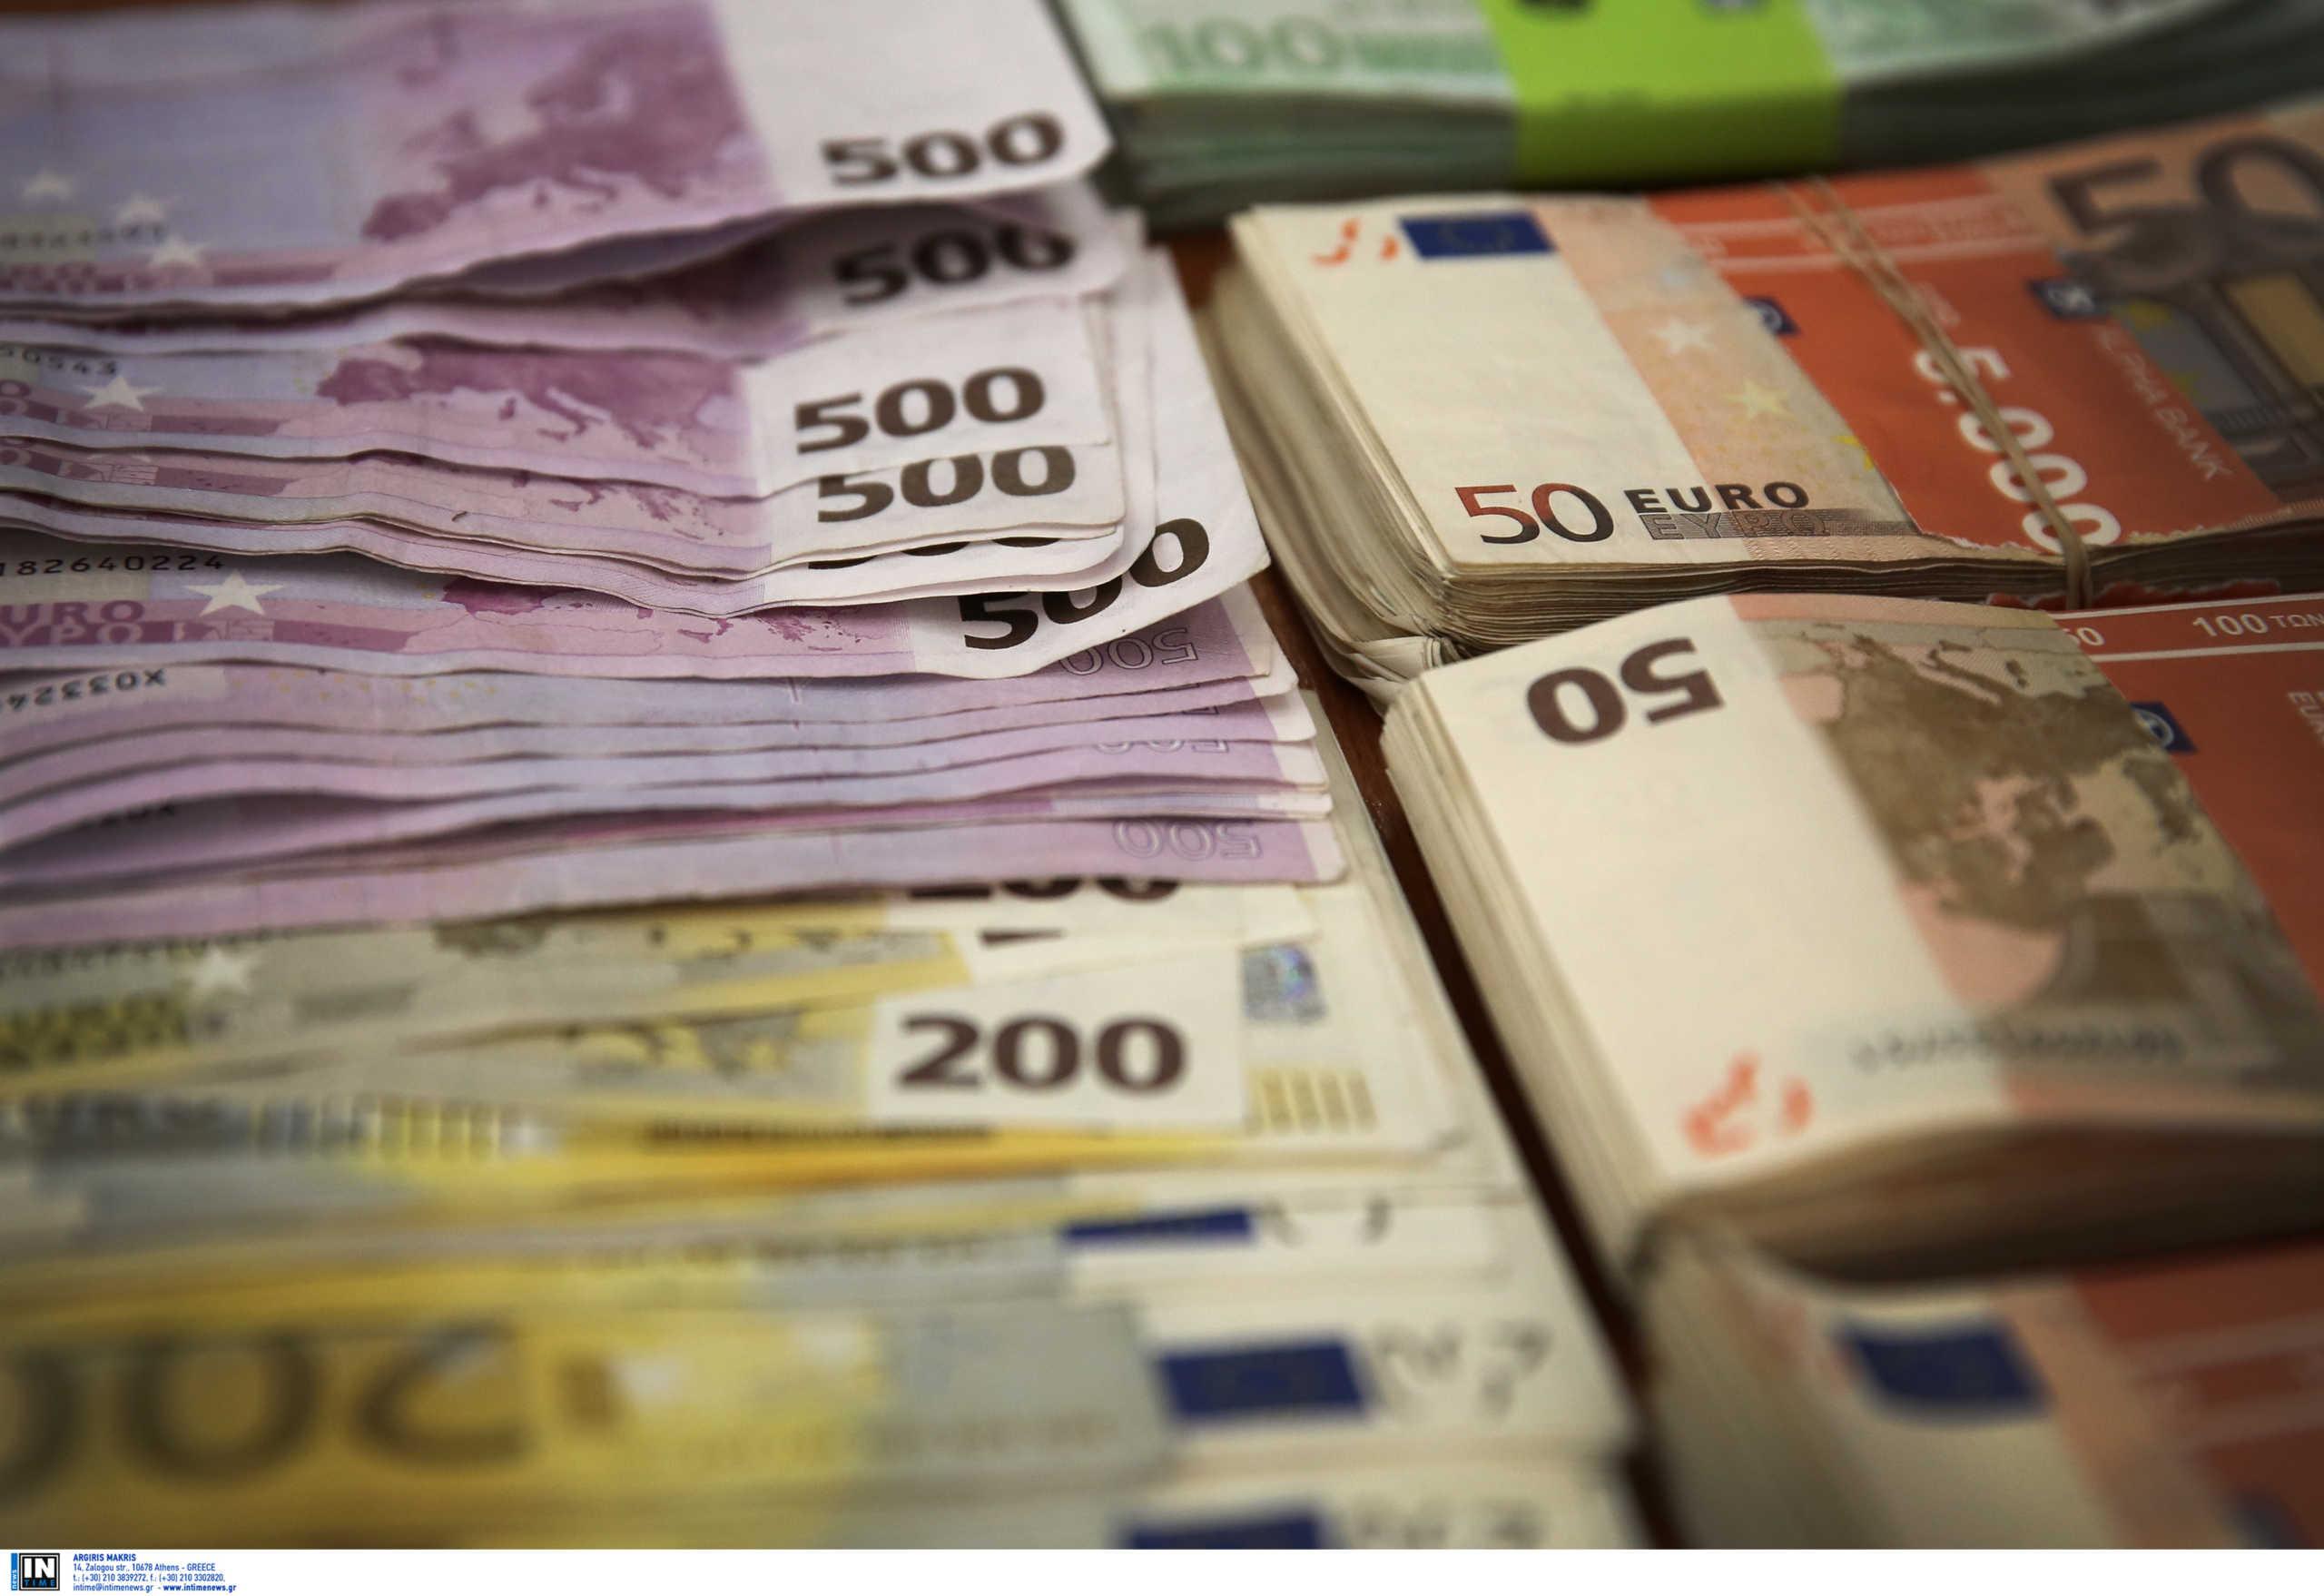 Προϋπολογισμός: Πρωτογενές έλλειμμα 1,497 δισ. ευρώ το πρώτο δίμηνο του 2021